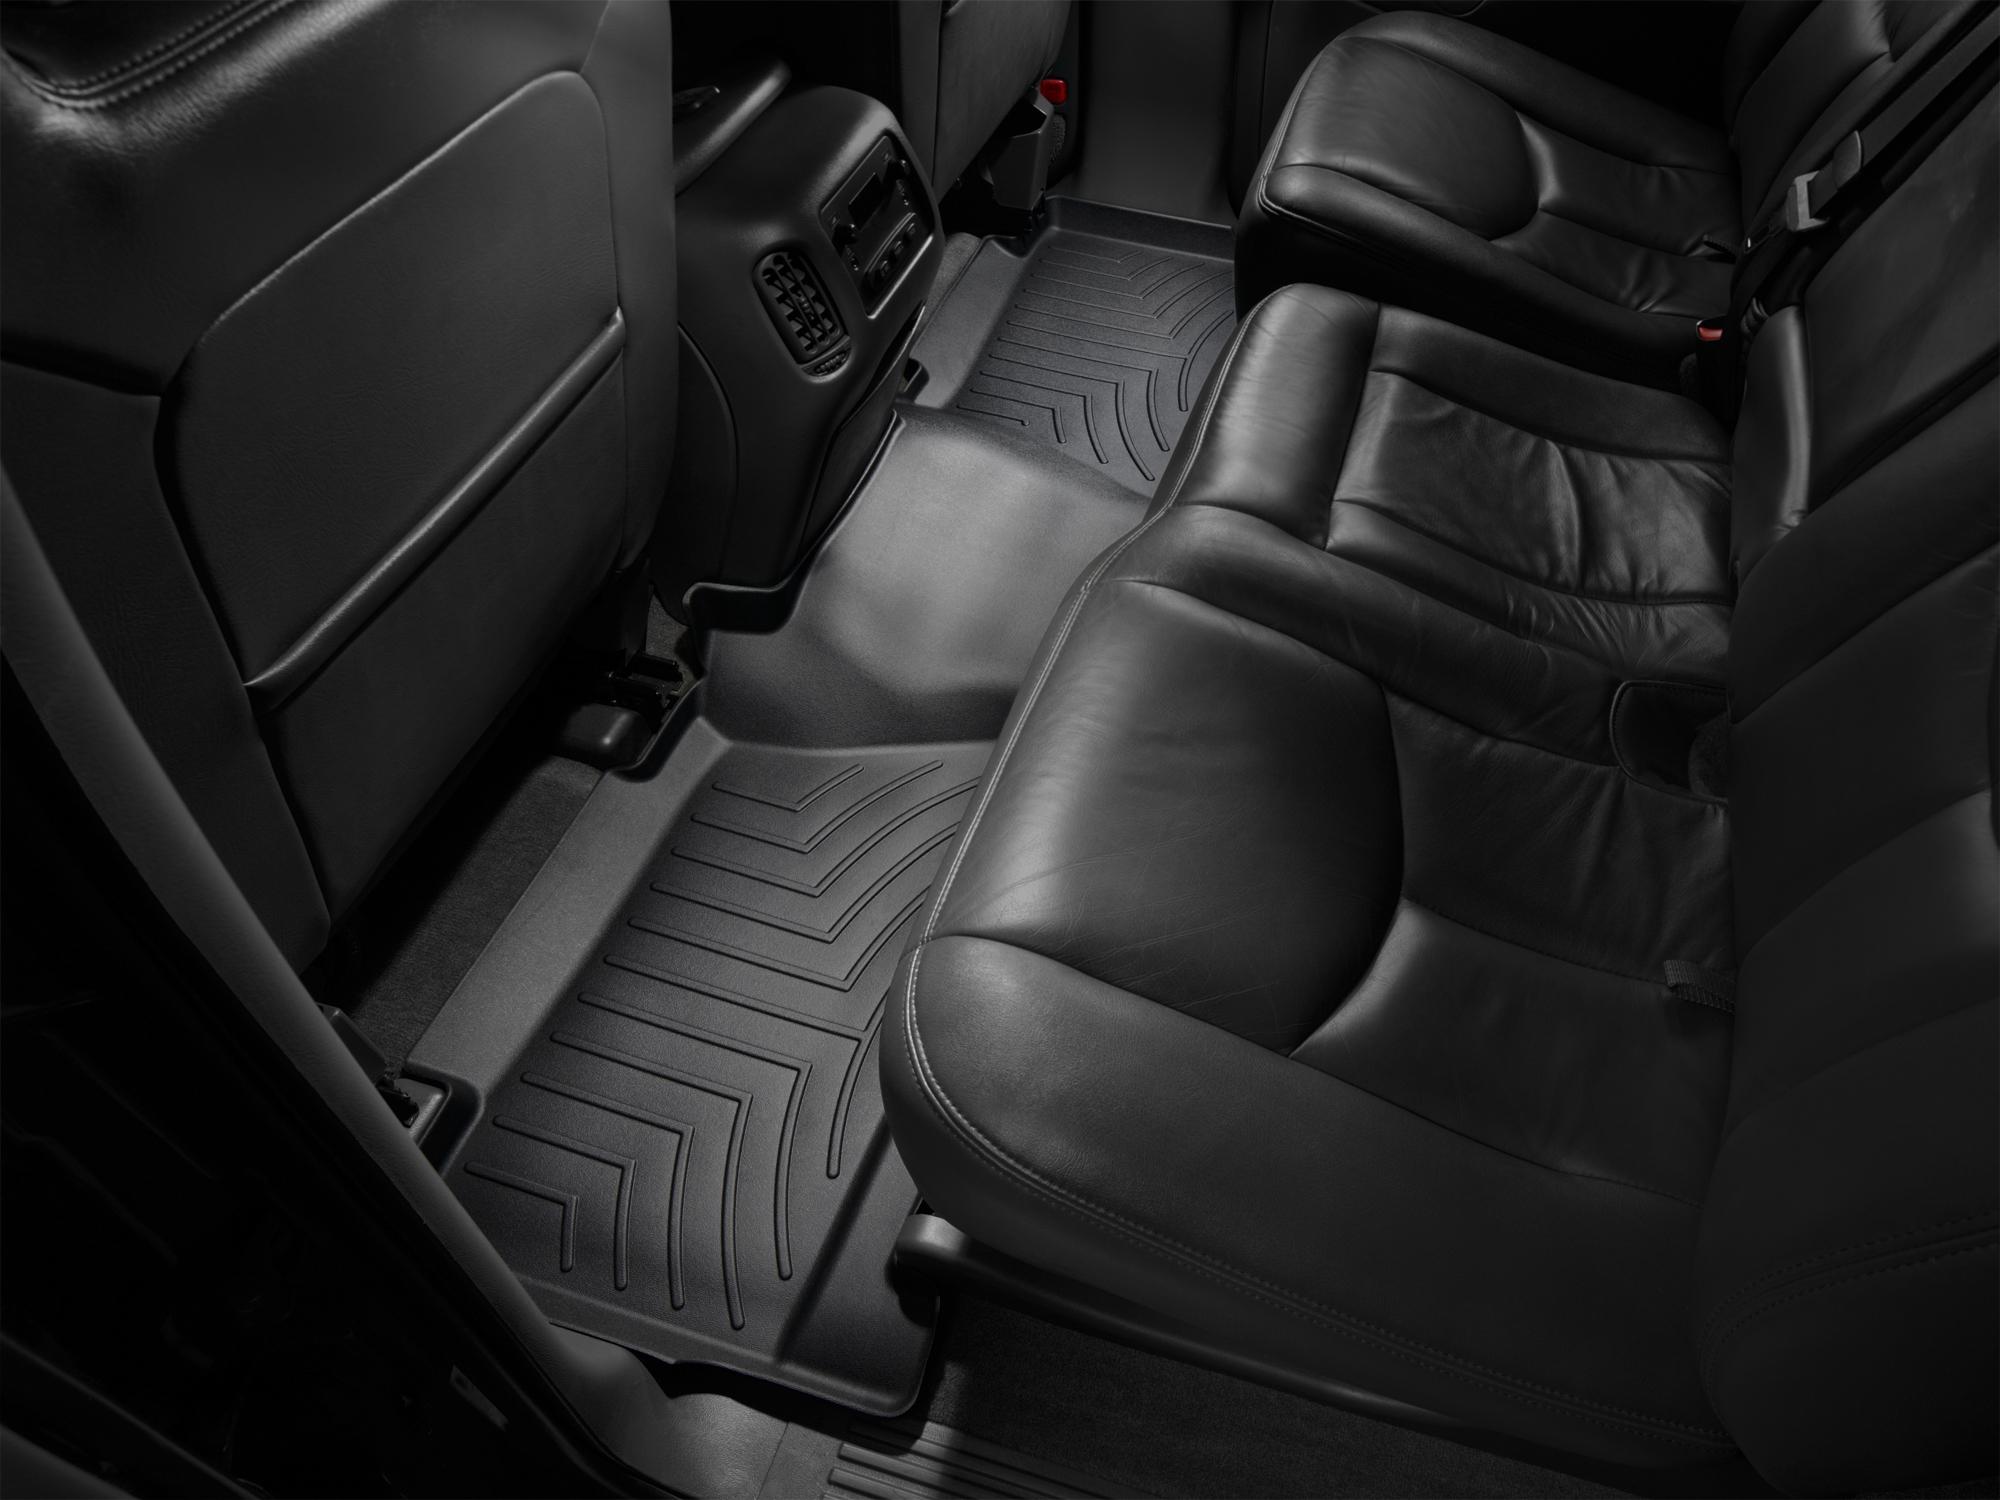 Tappeti gomma su misura bordo alto Chevrolet Silverado 01>06 Nero A156